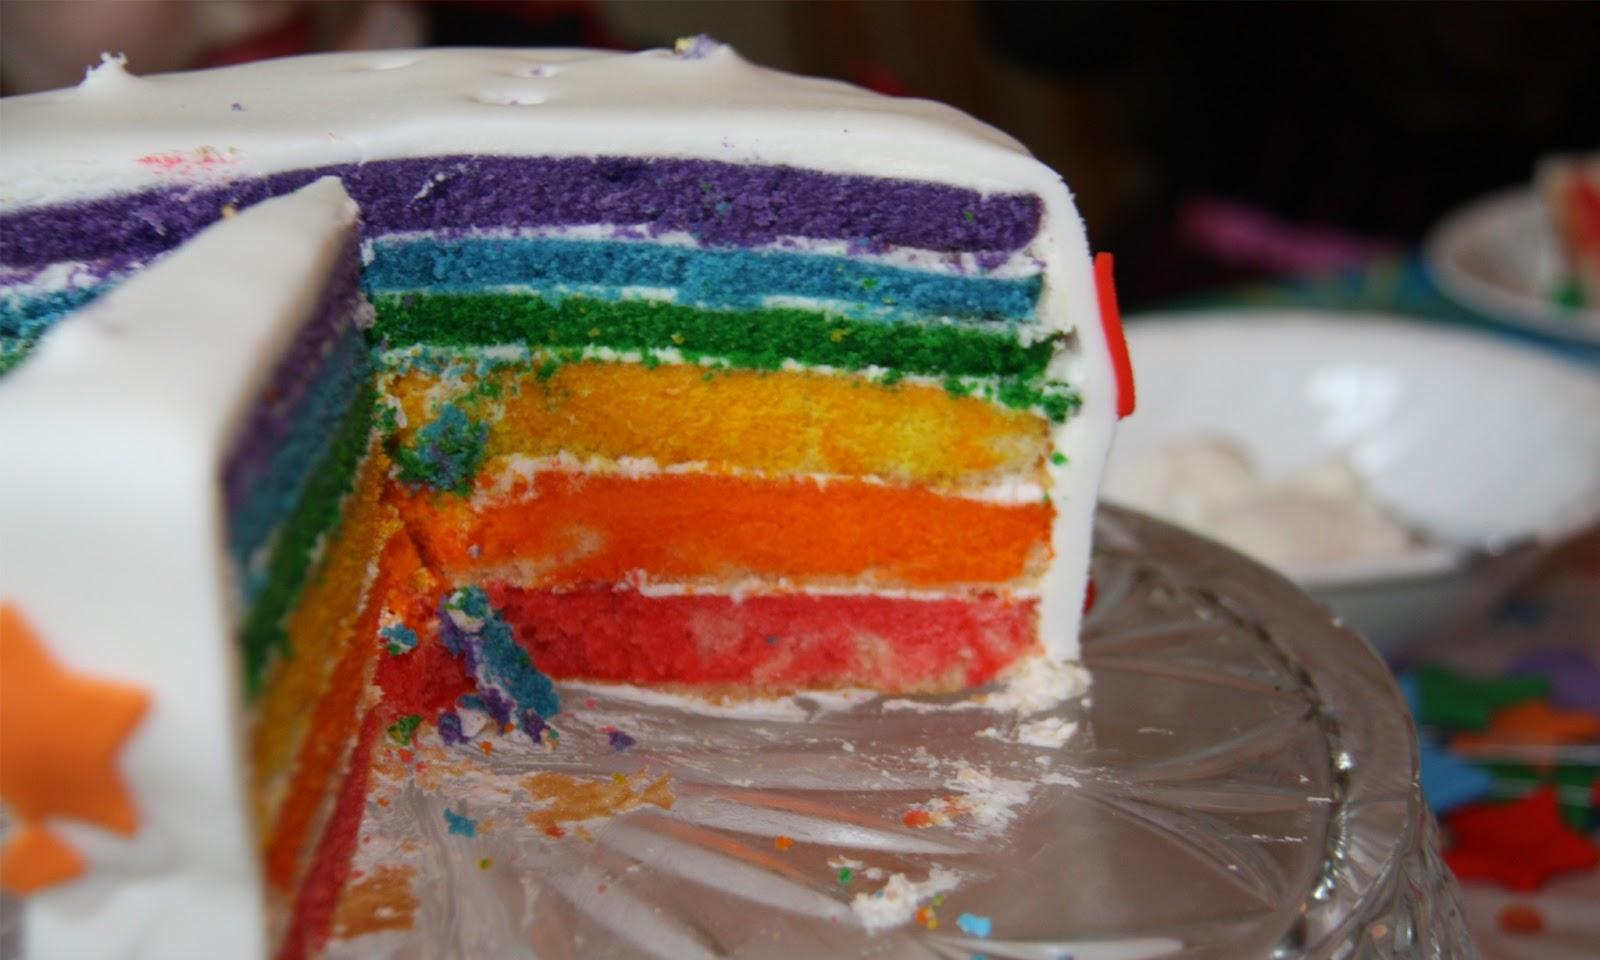 достаточно картинки радужная начинка для торта суйуу богонуда жалган